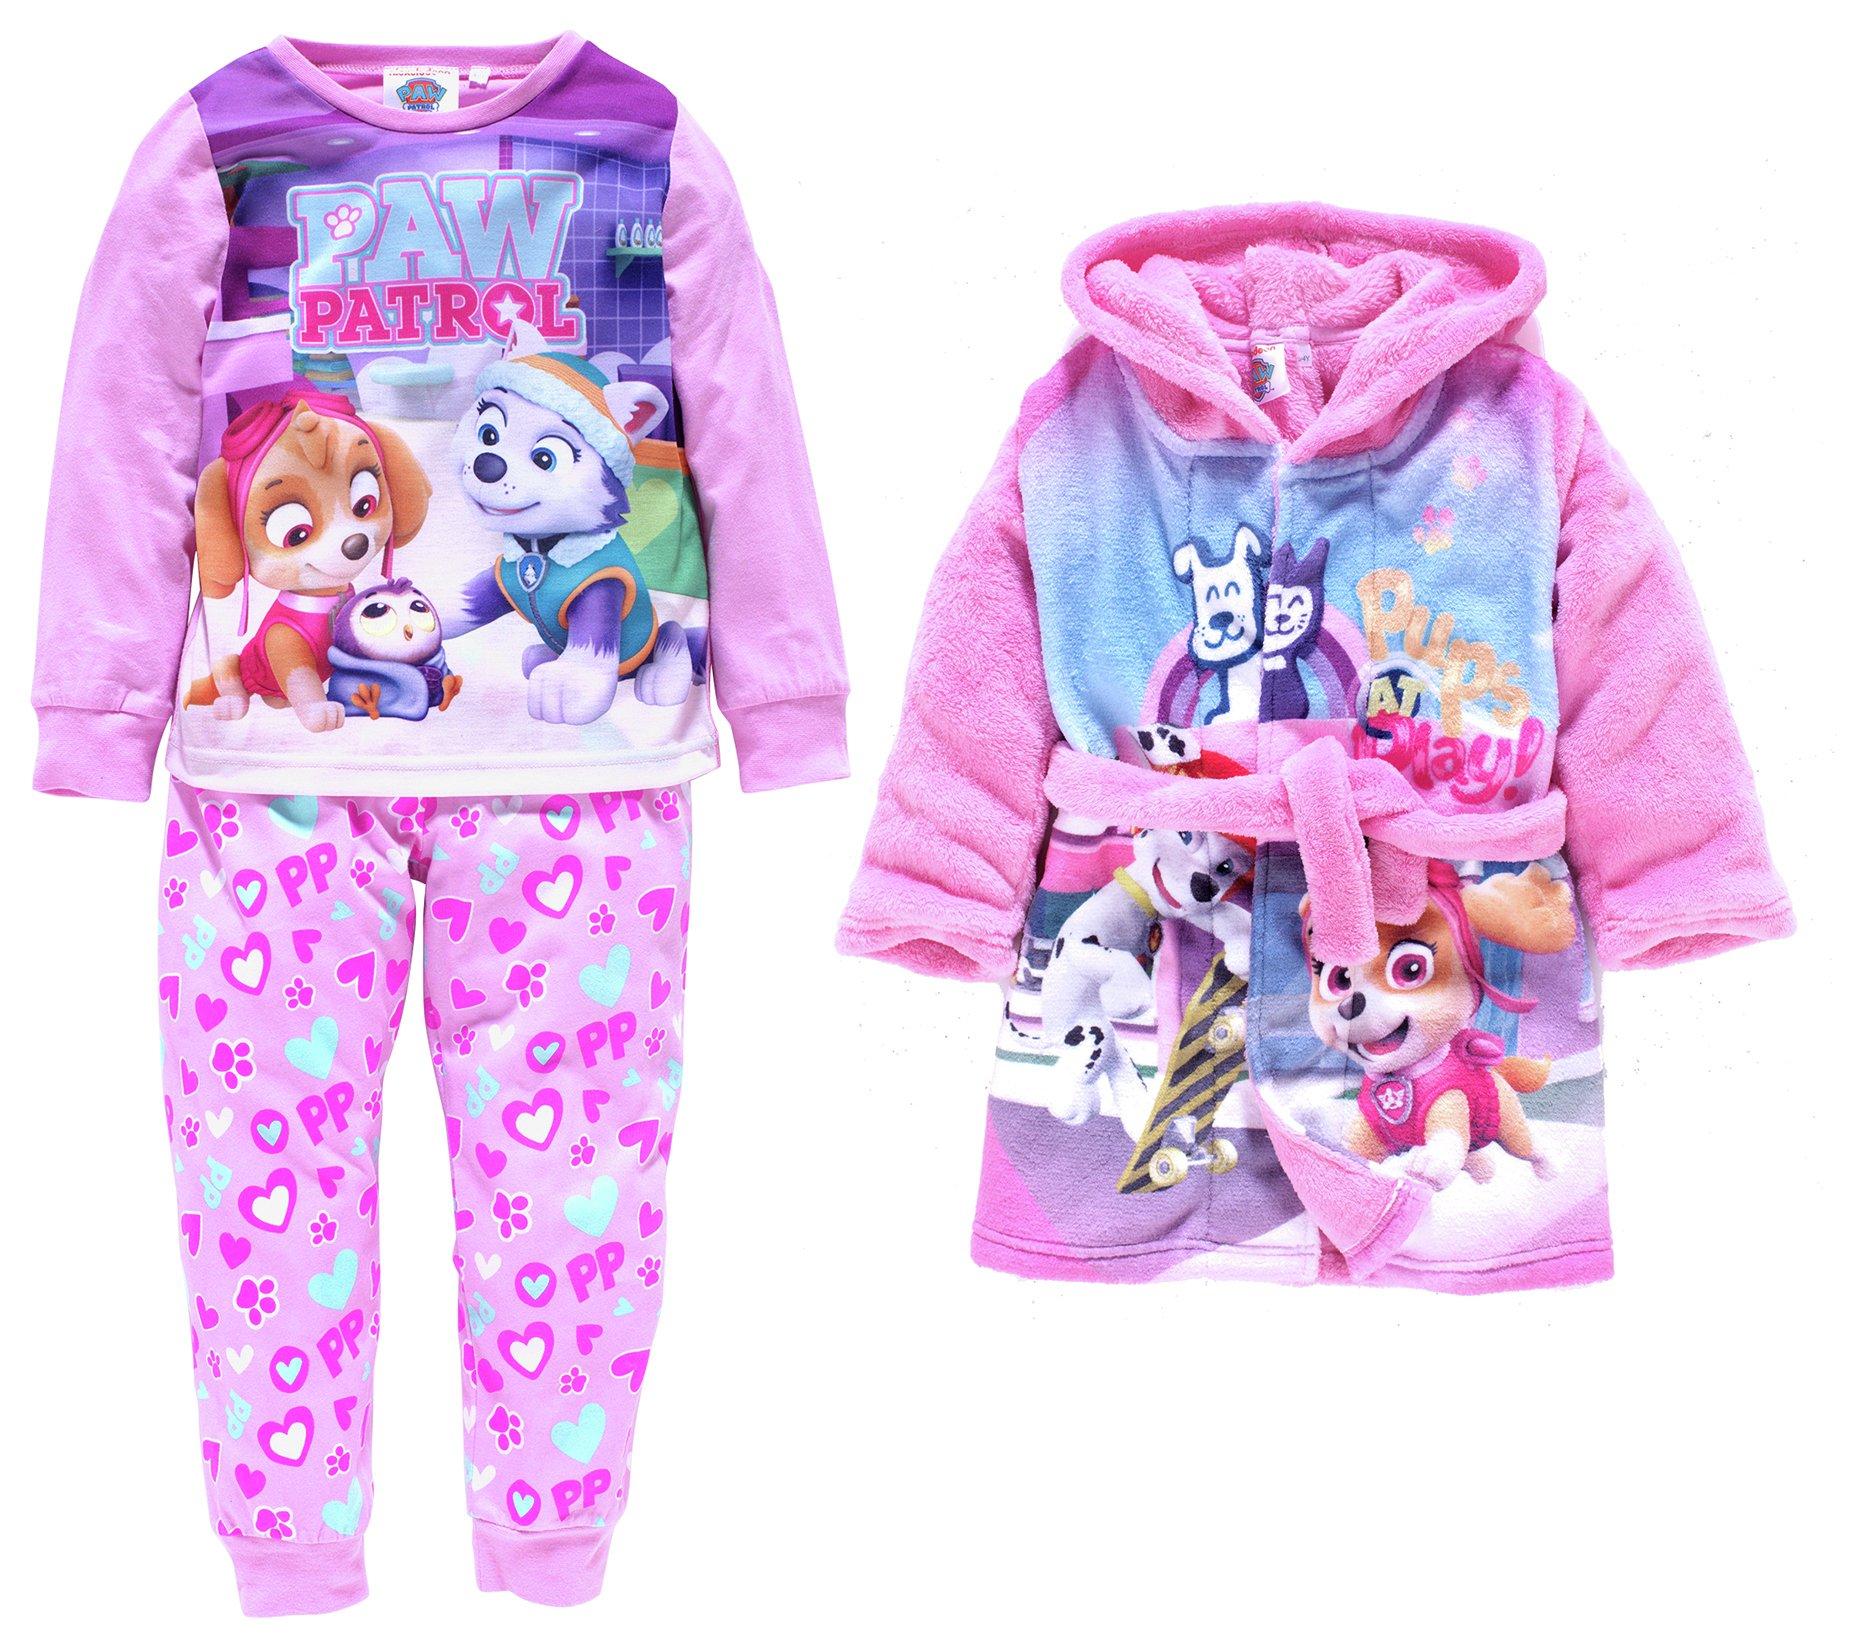 Image of PAW Patrol Pink Nightwear Set - 18-24 Months